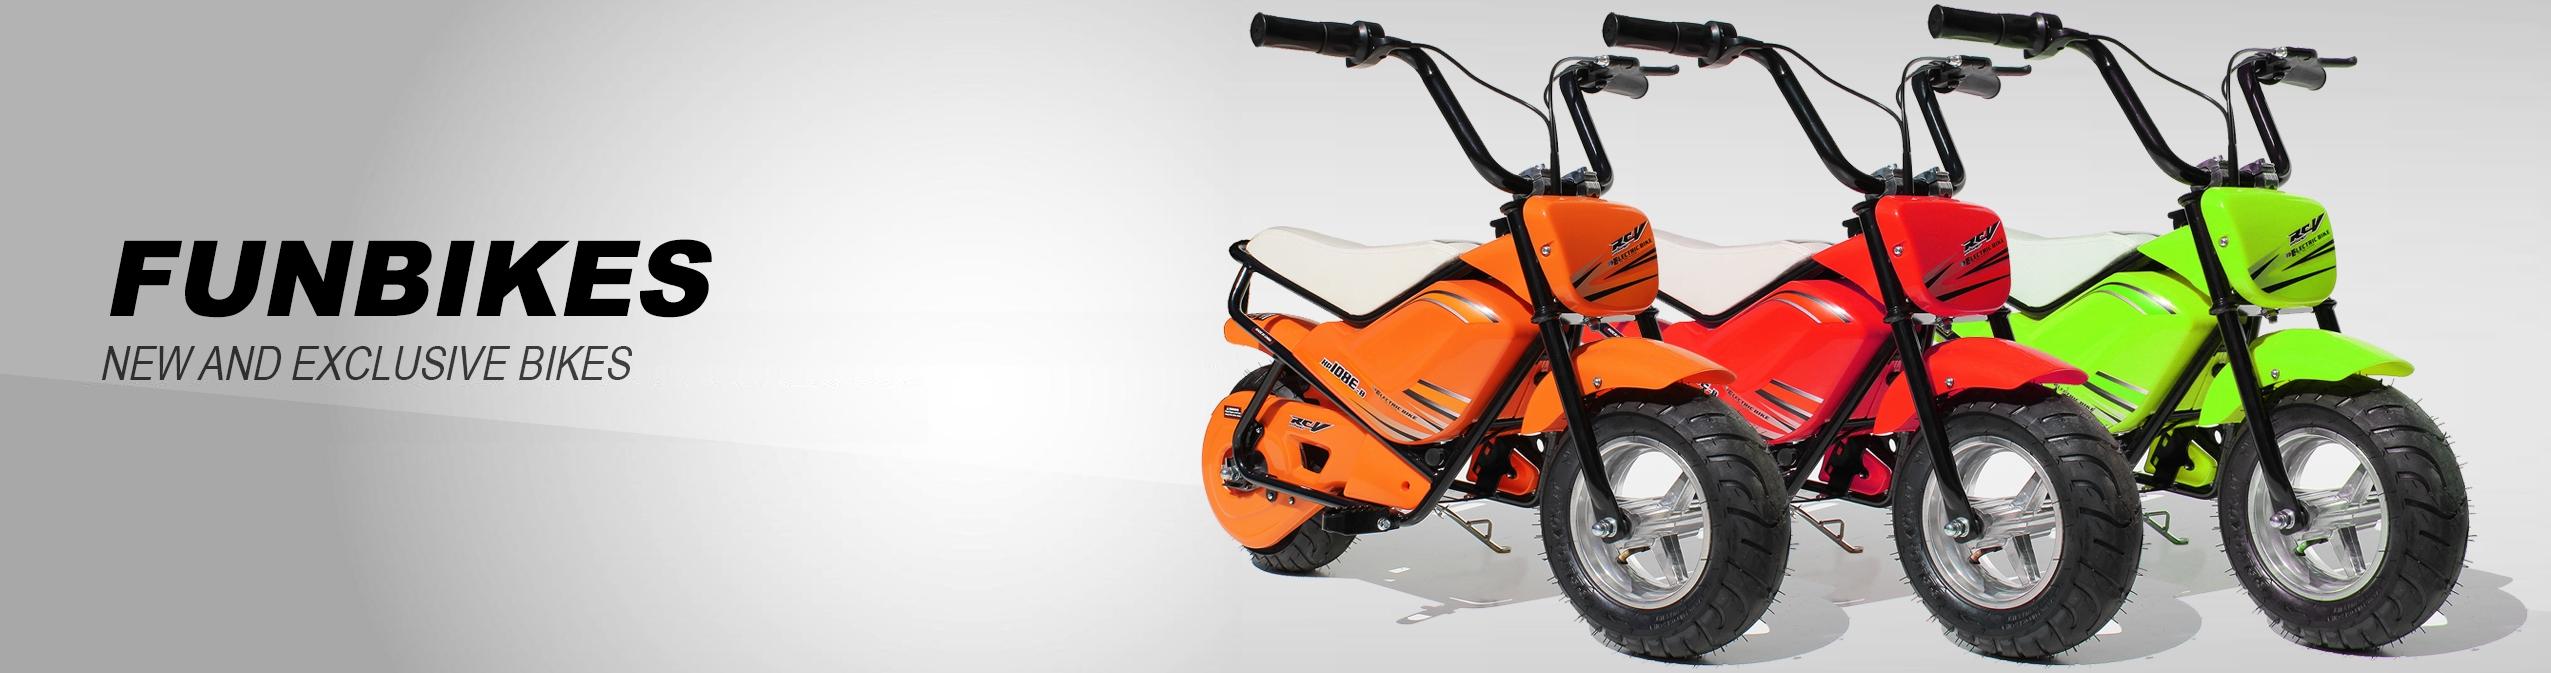 Xtreme 200w Fun Bike